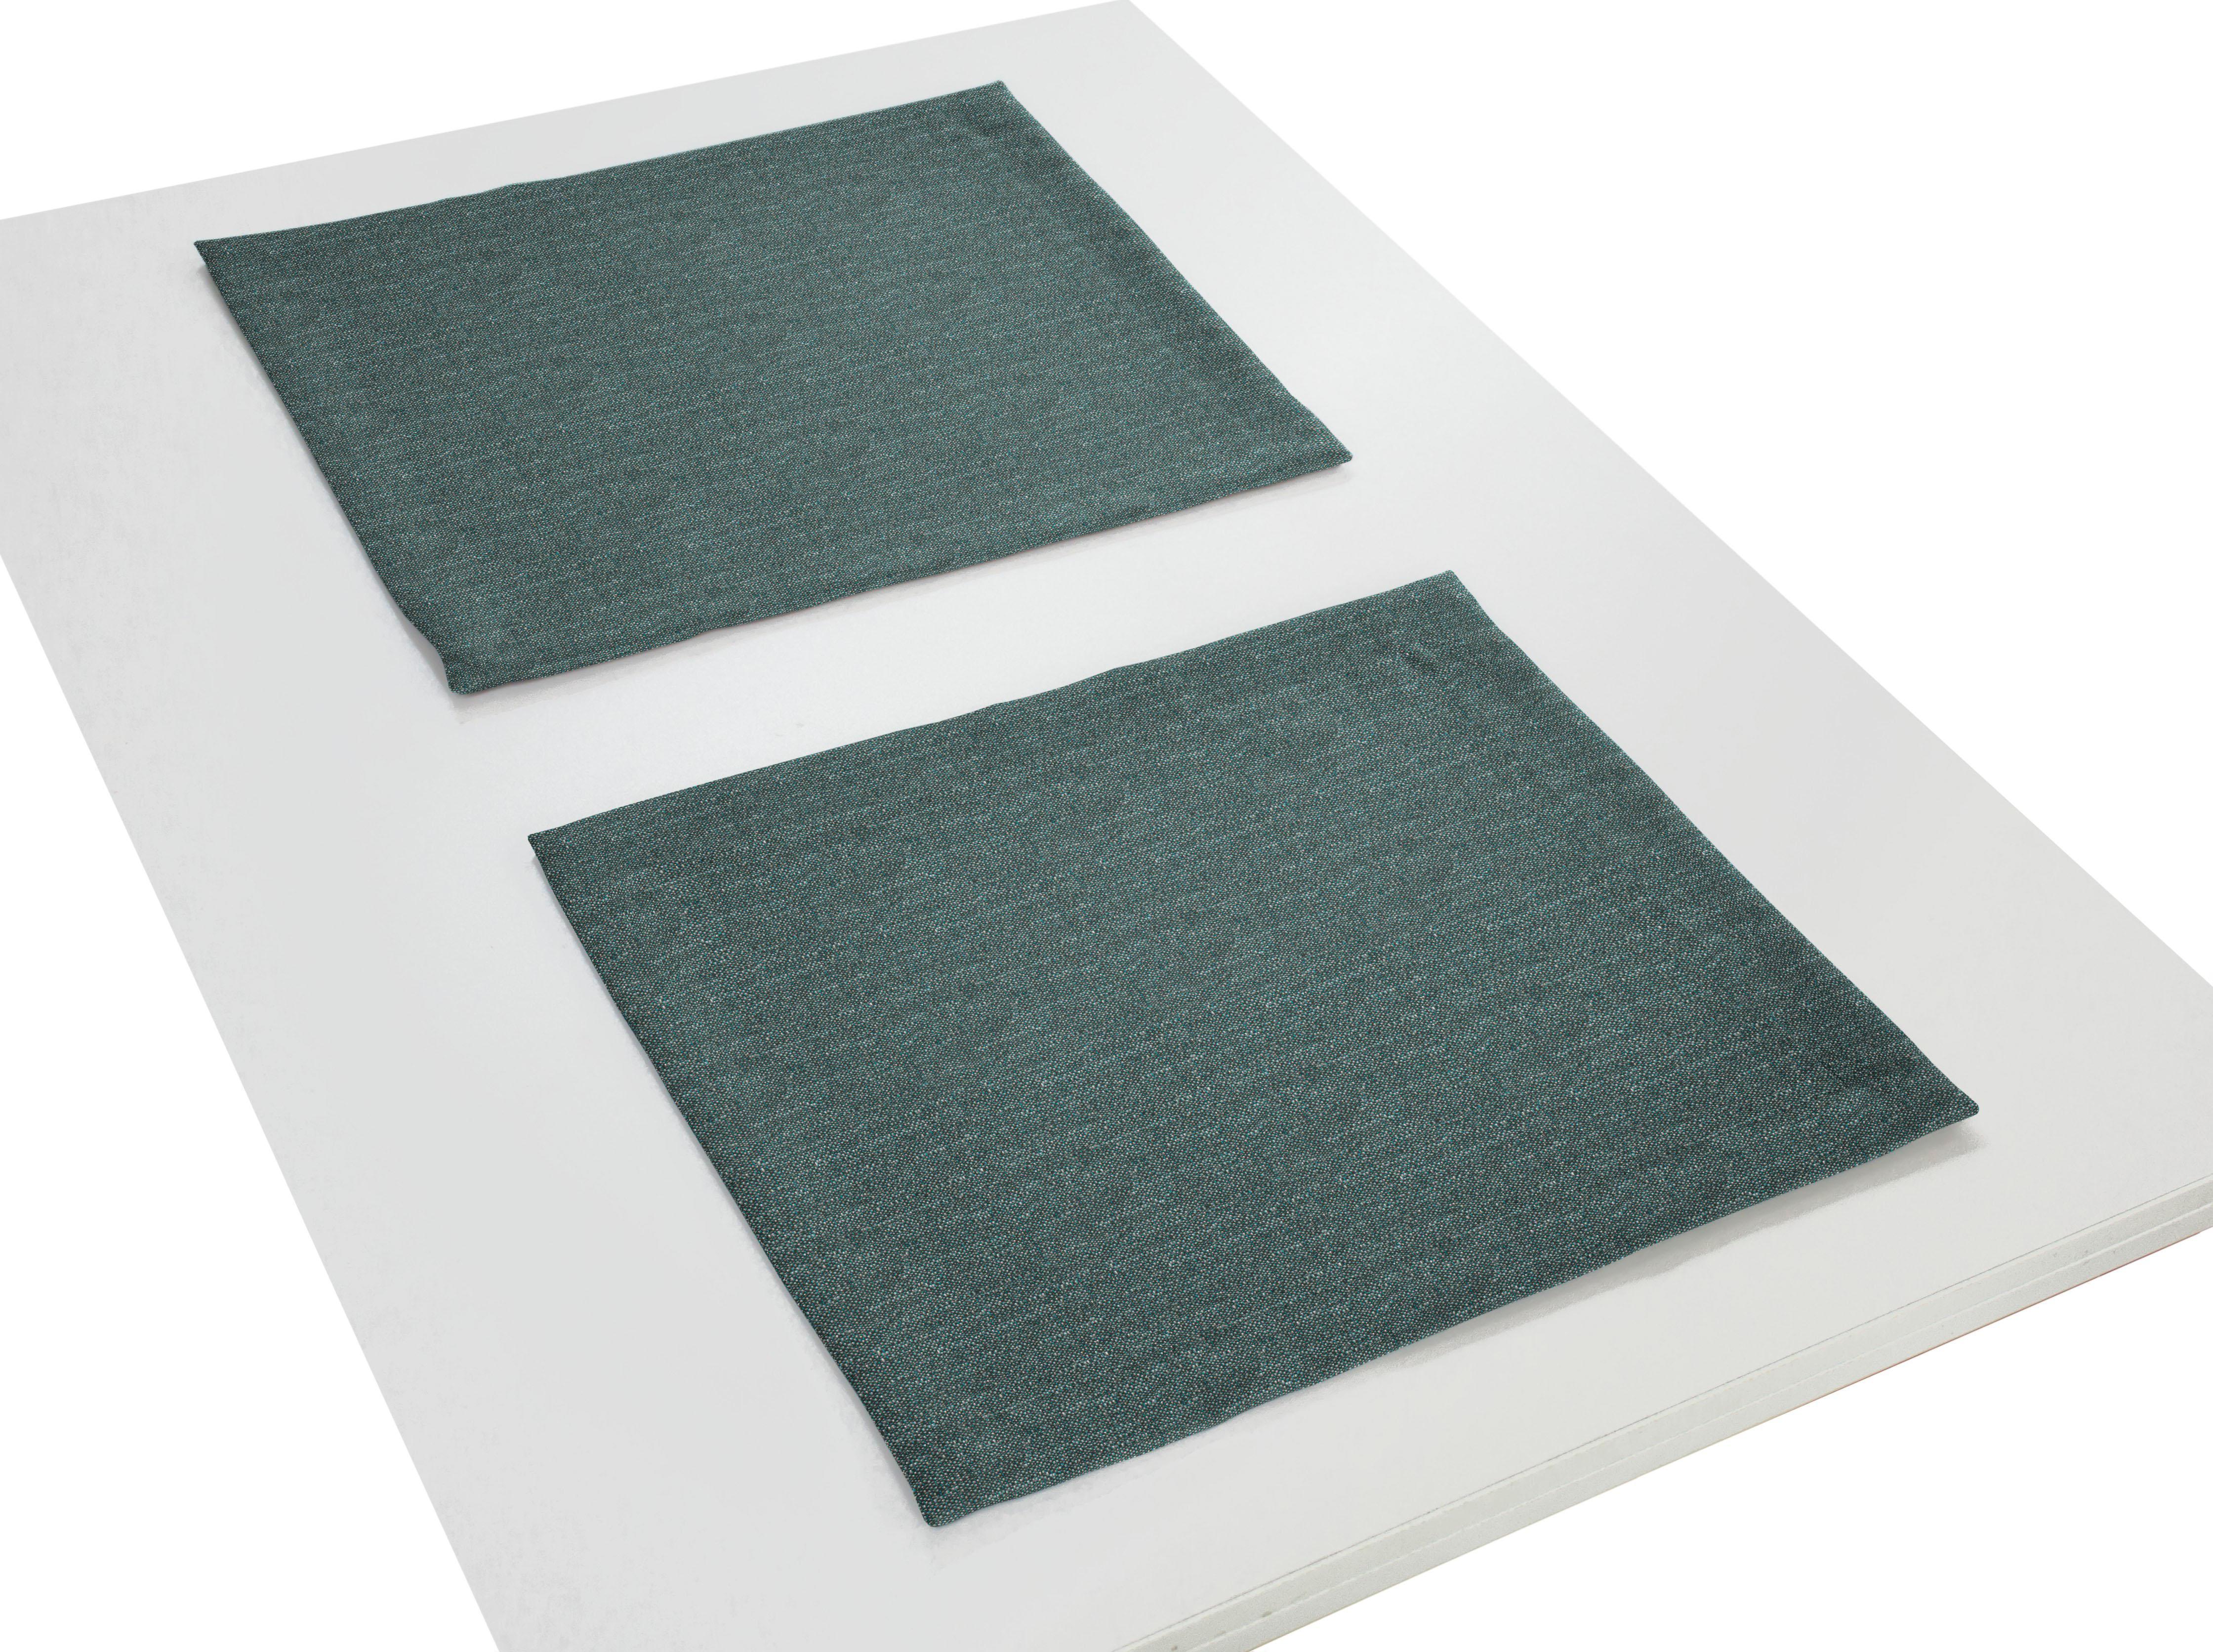 Platzset TORBOLE Wirth (Packung 2-tlg) | Heimtextilien > Tischdecken und Co > Platz-Sets | Wirth